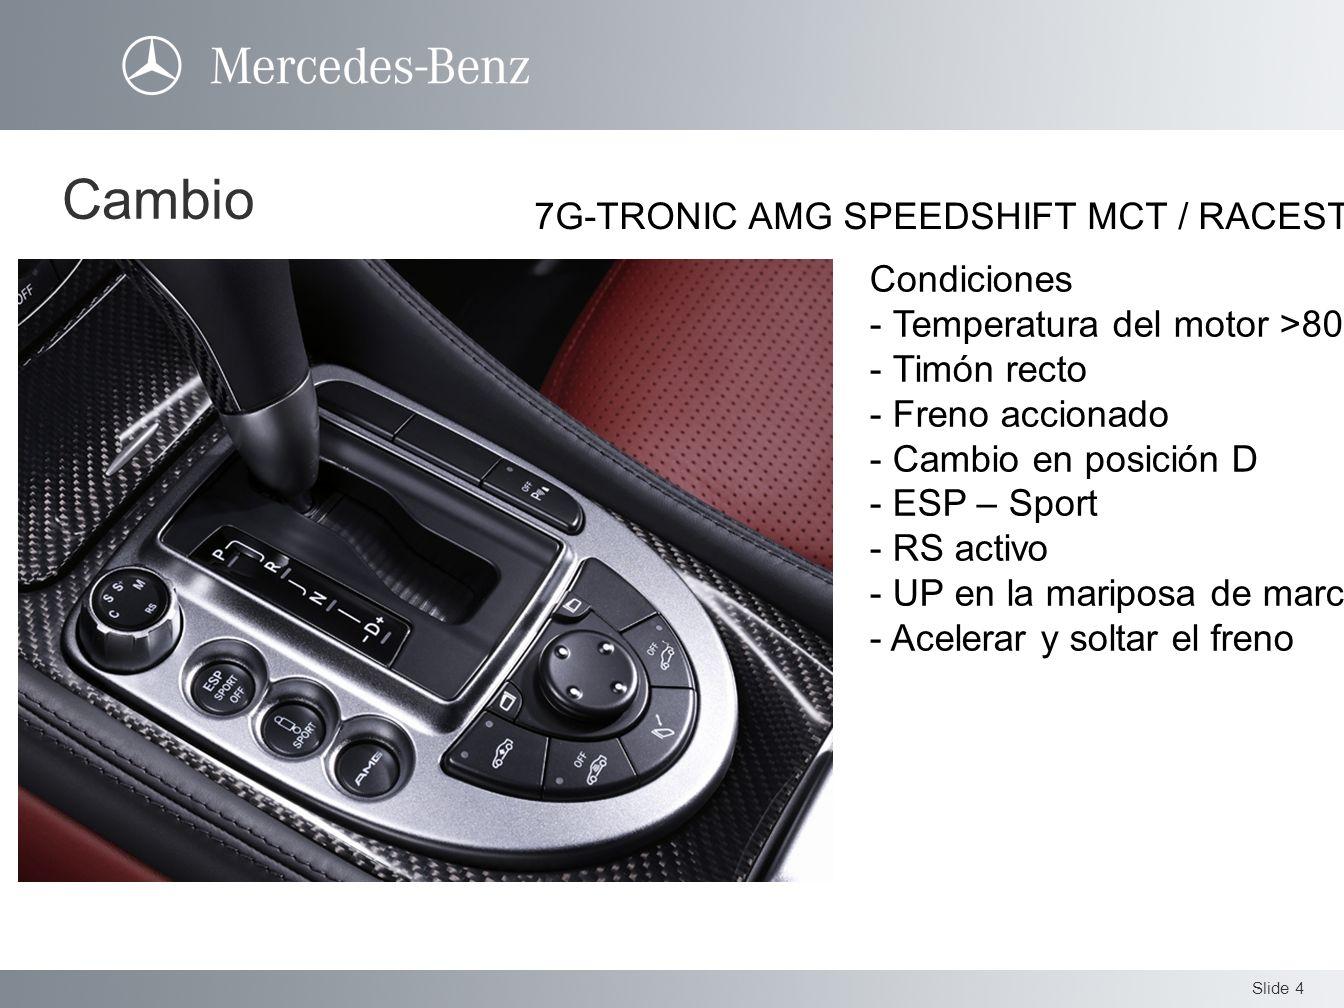 Slide 4 7G-TRONIC AMG SPEEDSHIFT MCT / RACESTART Cambio Condiciones - Temperatura del motor >80° - Timón recto - Freno accionado - Cambio en posición